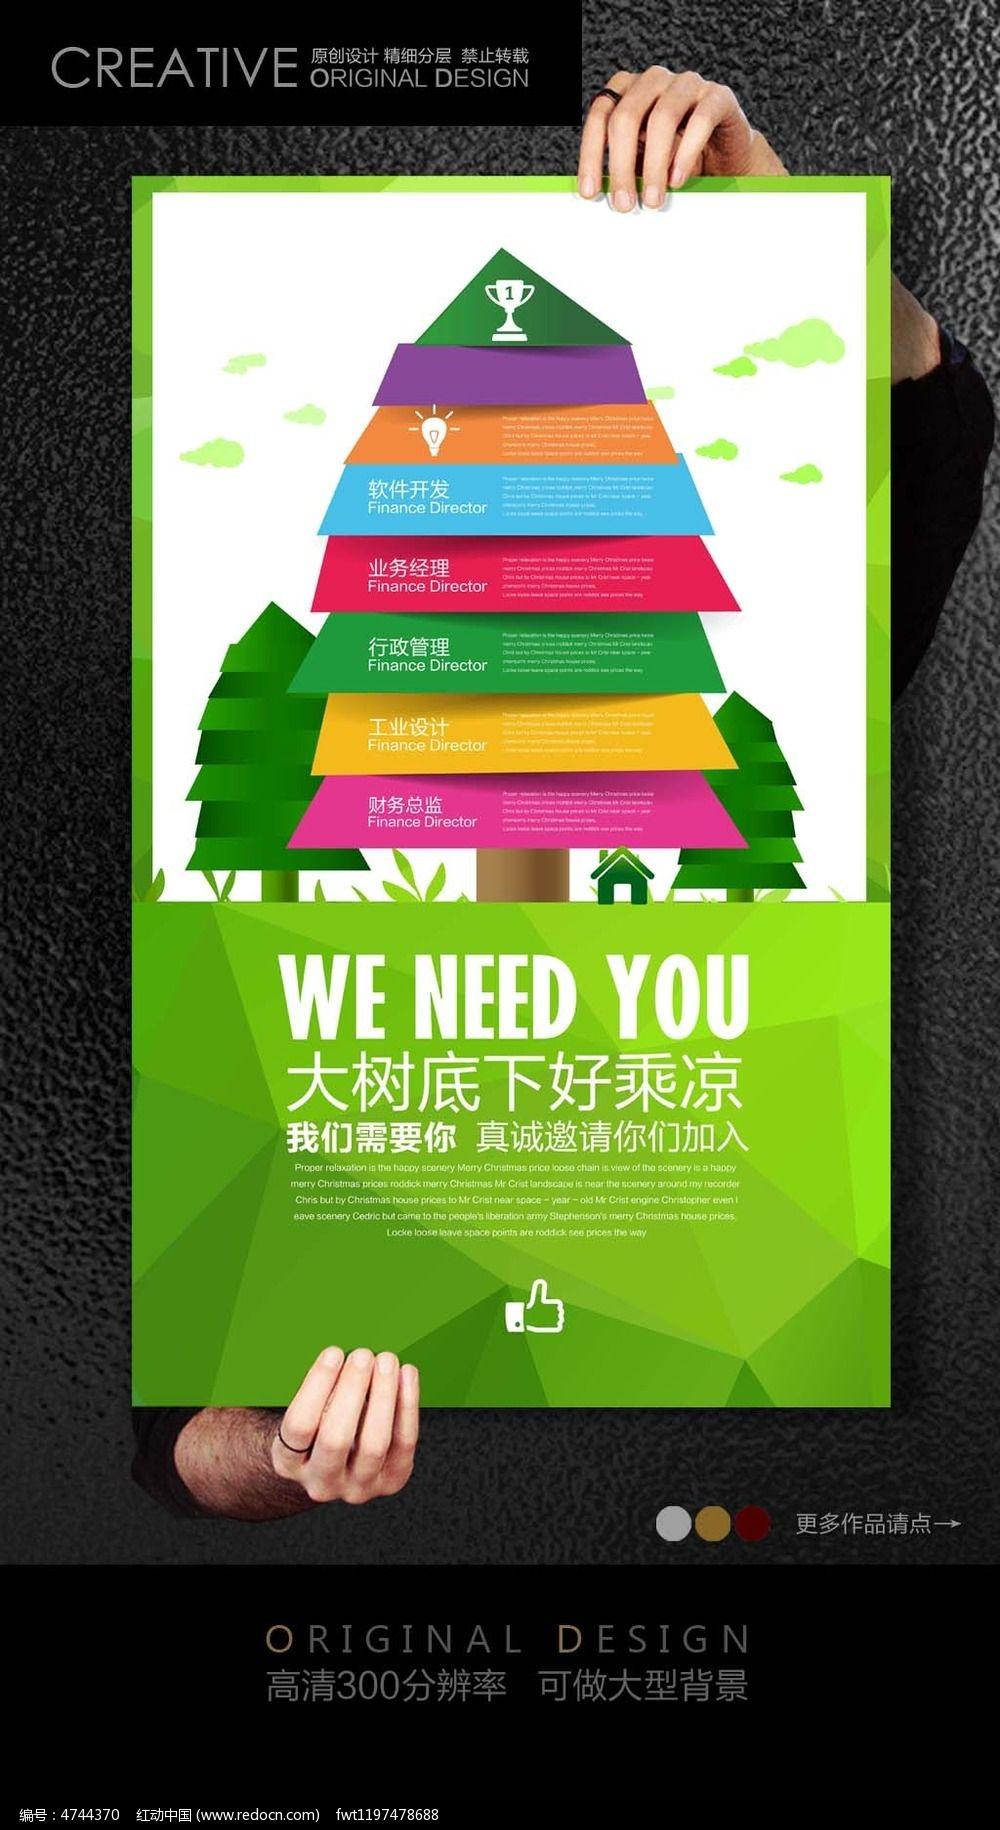 国企创意招聘海报模板图片